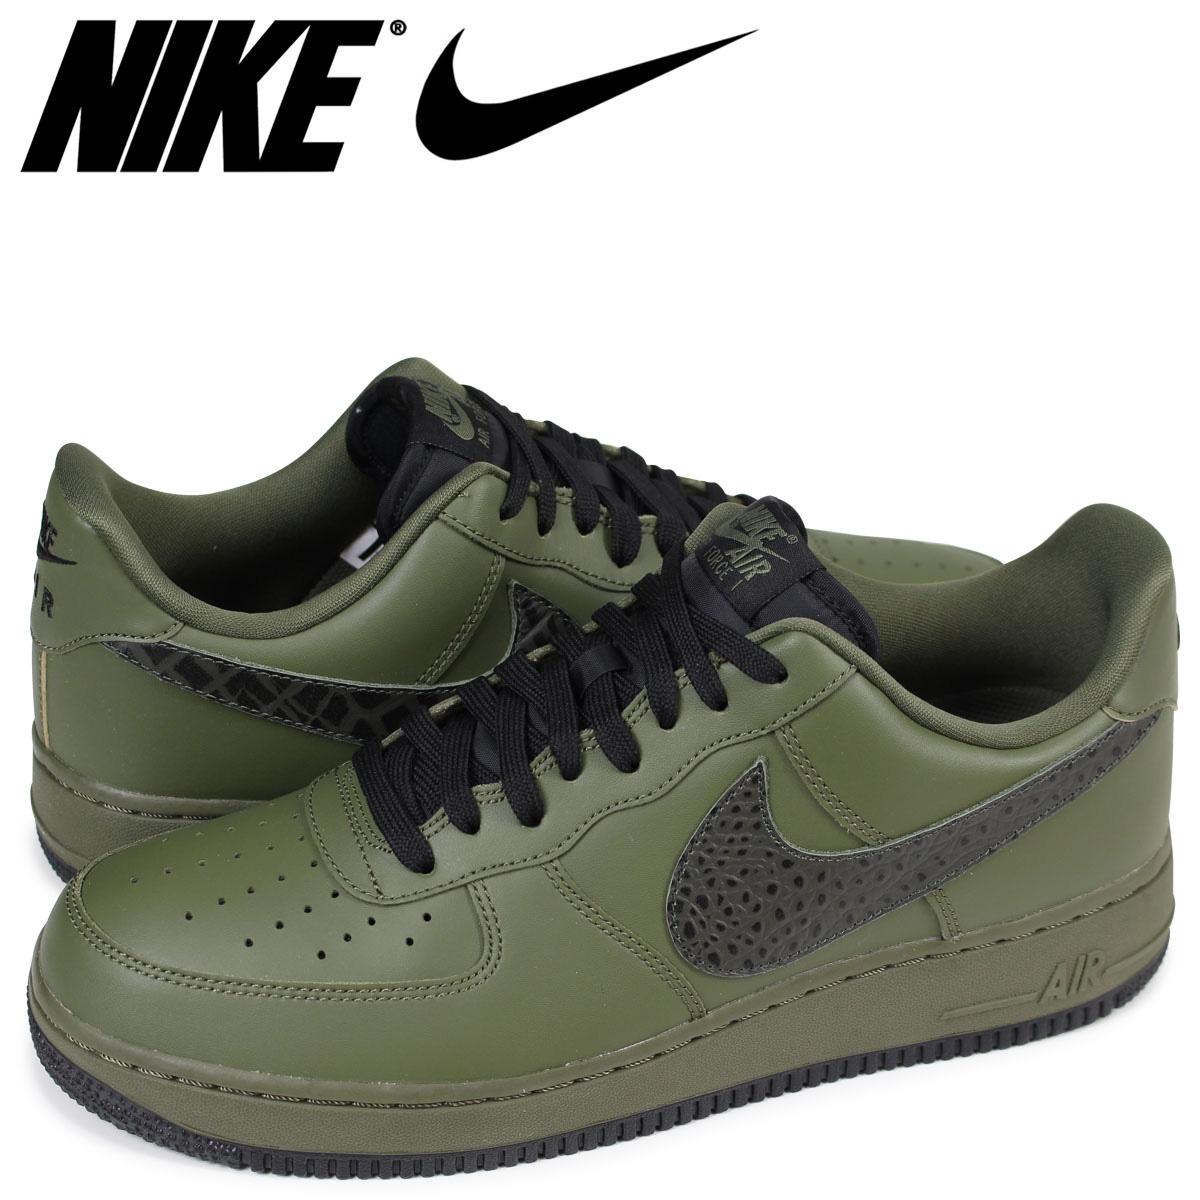 nike air force 1 07 lv8 ue olive